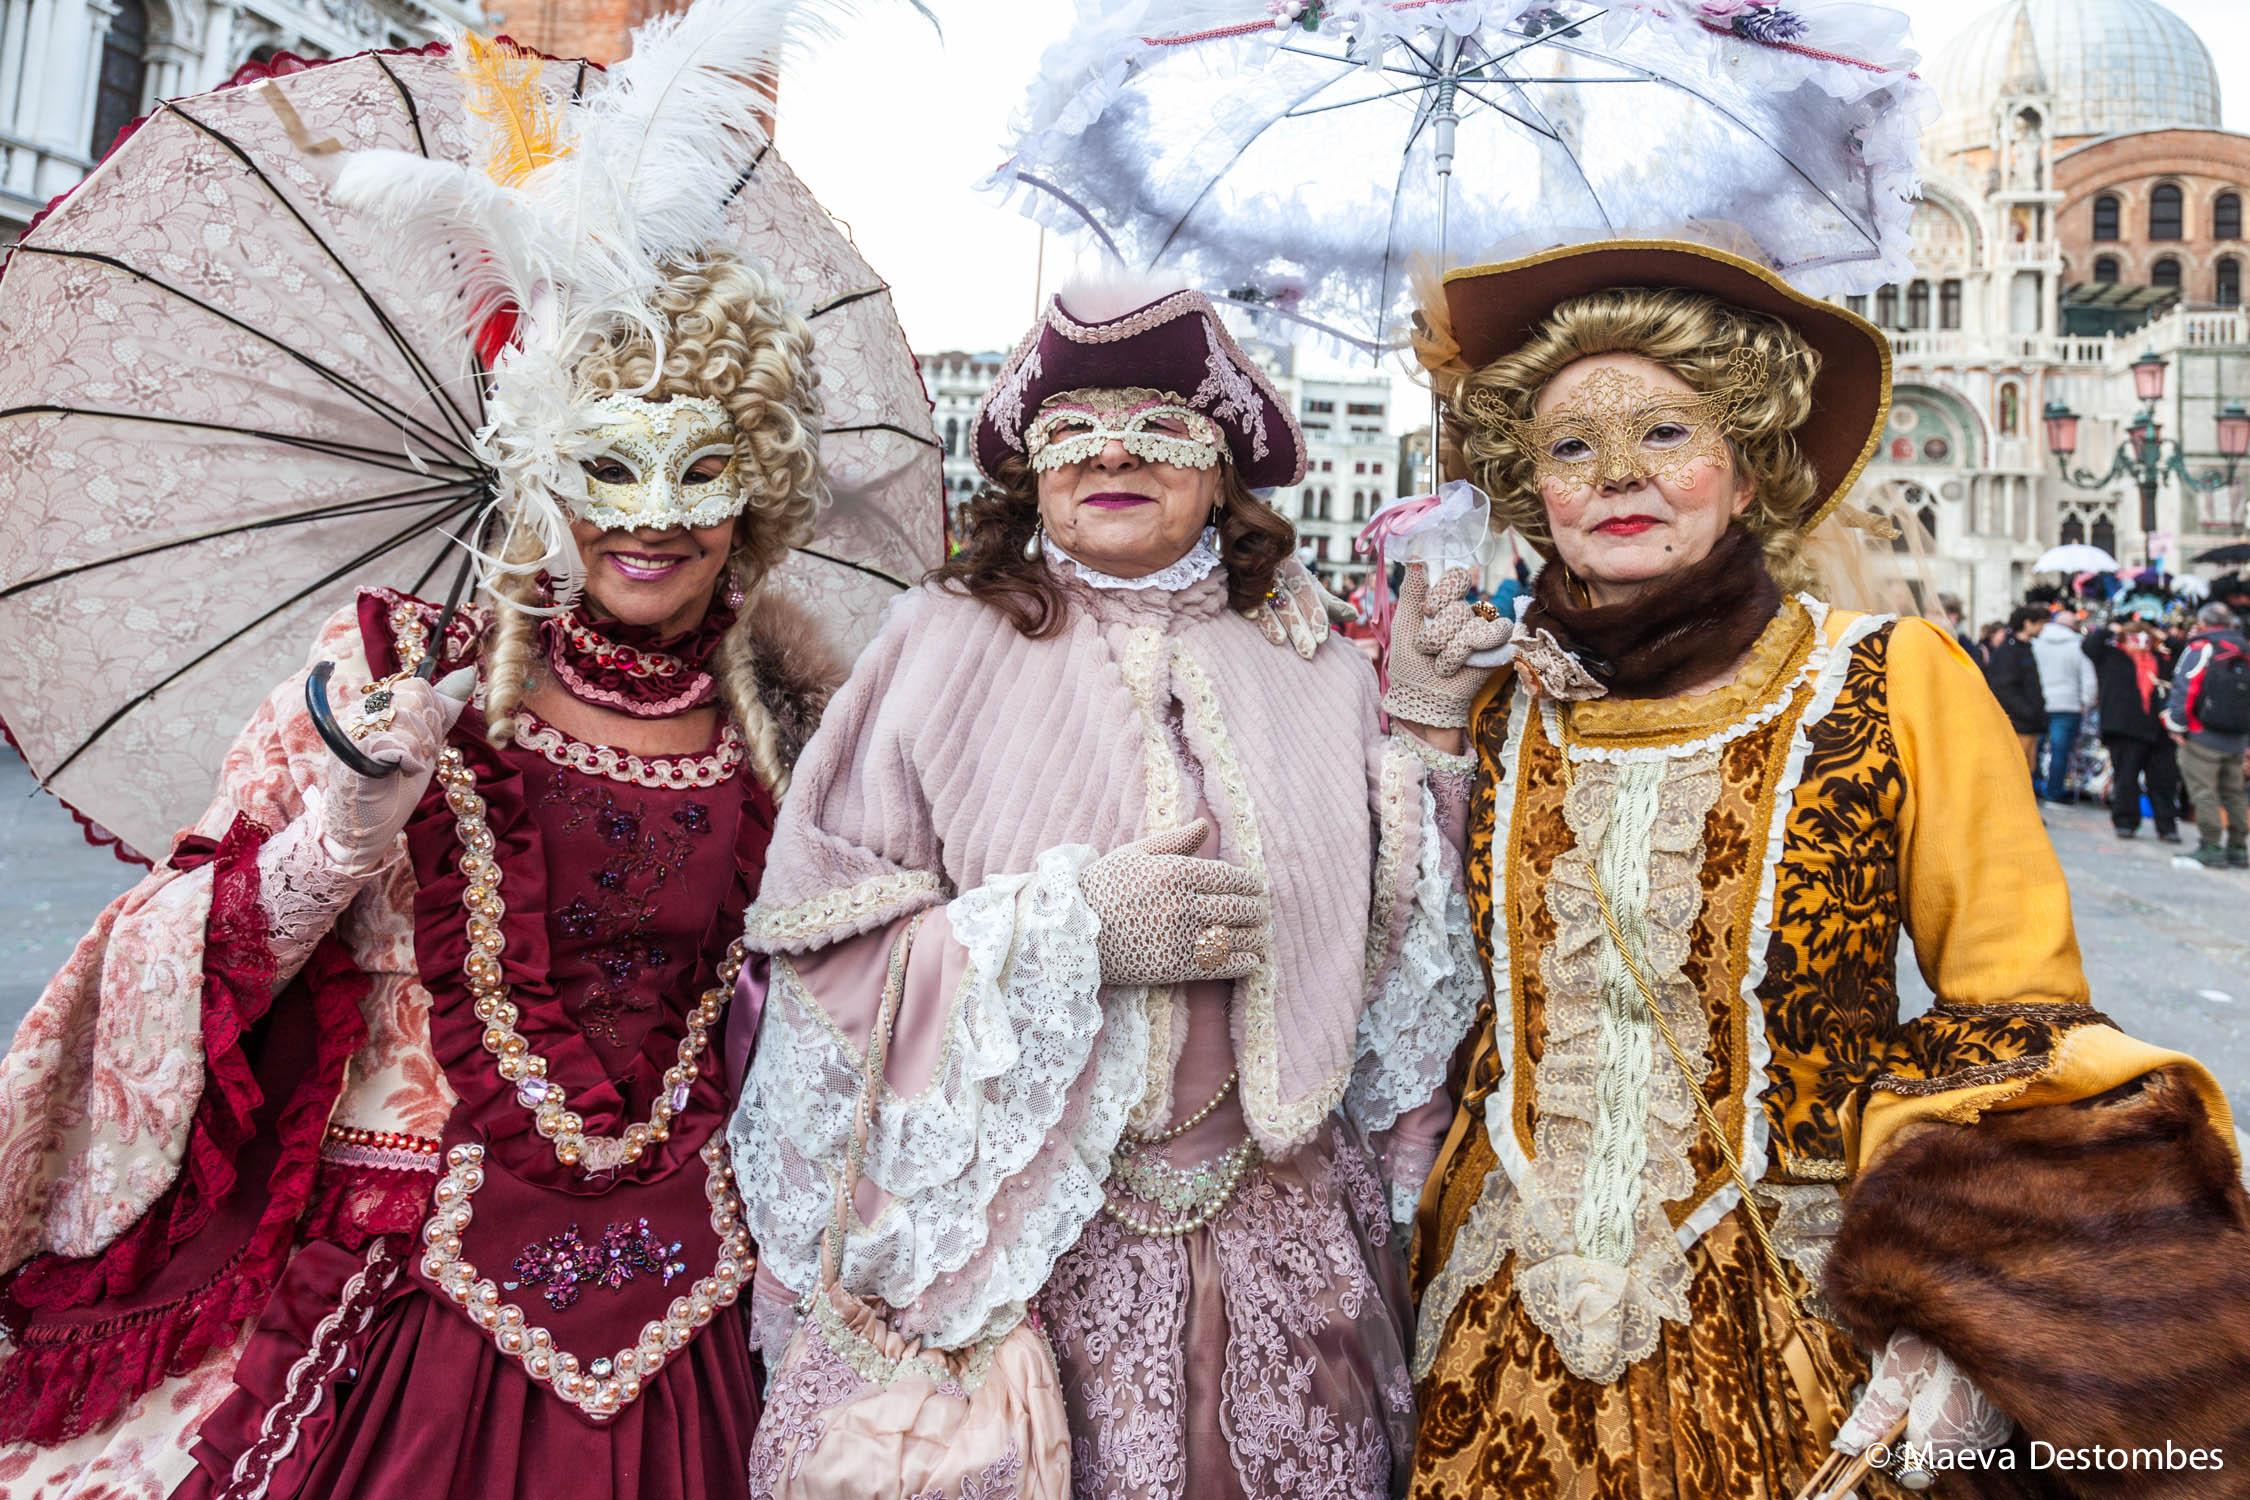 Trois femmes habillées de costumes époque Louis 14 lors du carnaval de Venise